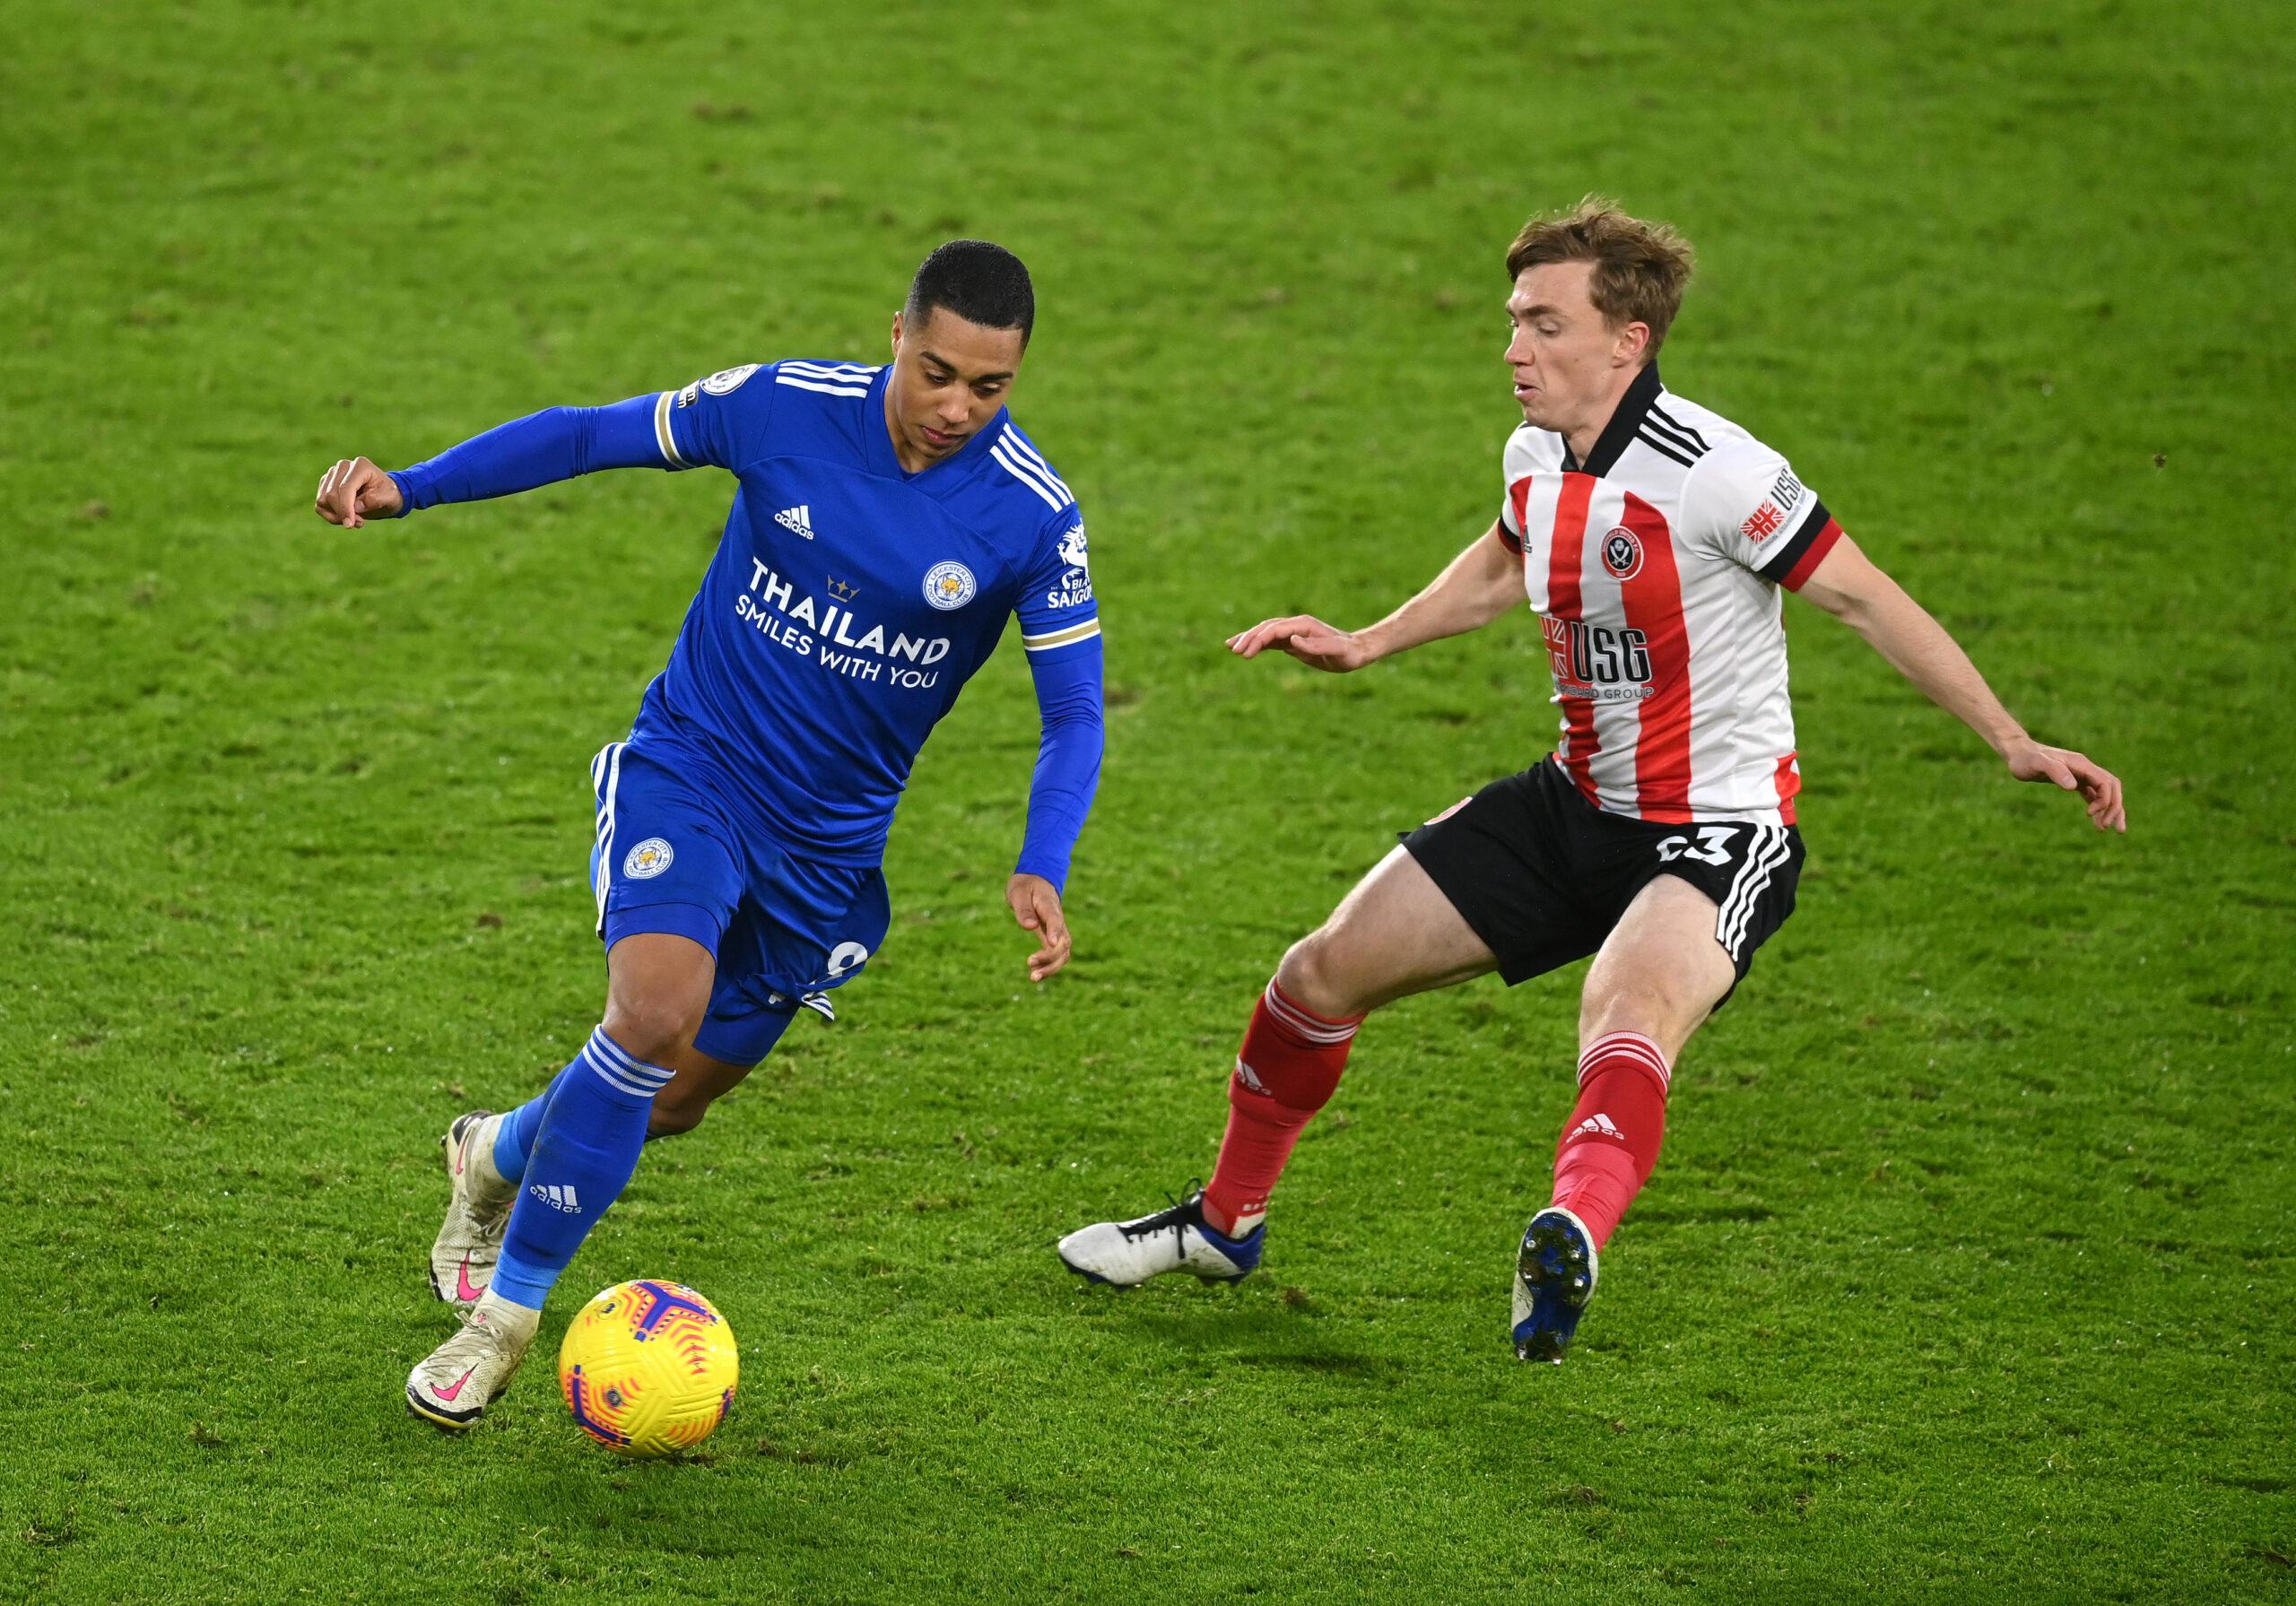 Voetbal24: Atlético y Leicester buscan un acuerdo